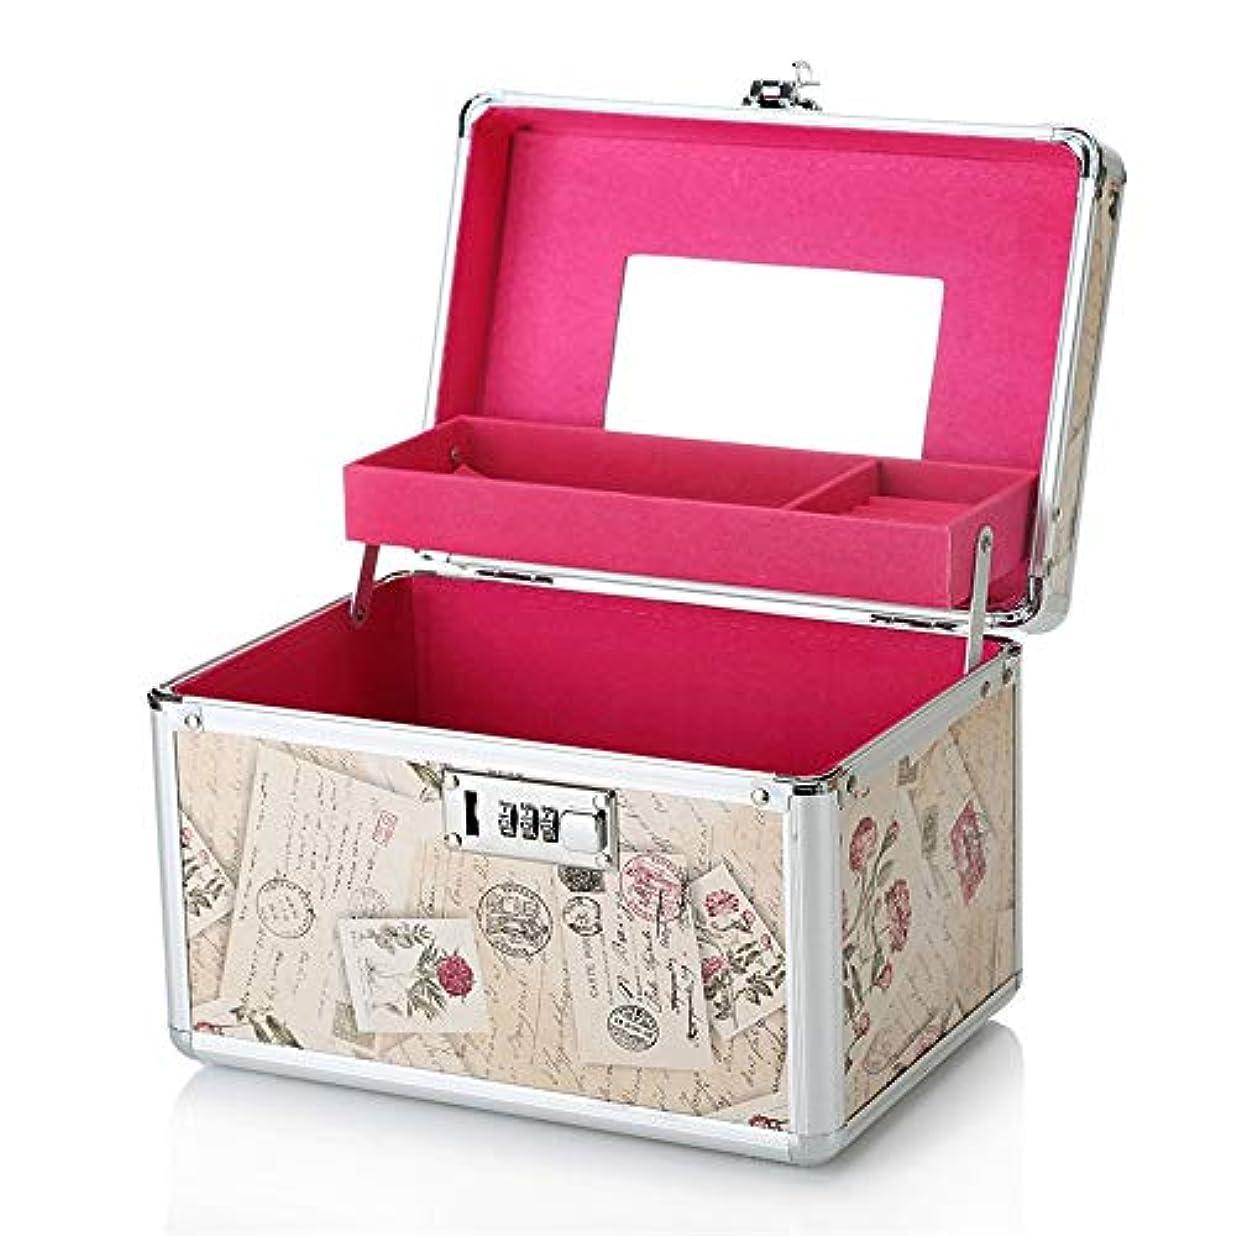 融合キリンフルーティー特大スペース収納ビューティーボックス 美の構造のためそしてジッパーおよび折る皿が付いている女の子の女性旅行そして毎日の貯蔵のための高容量の携帯用化粧品袋 化粧品化粧台